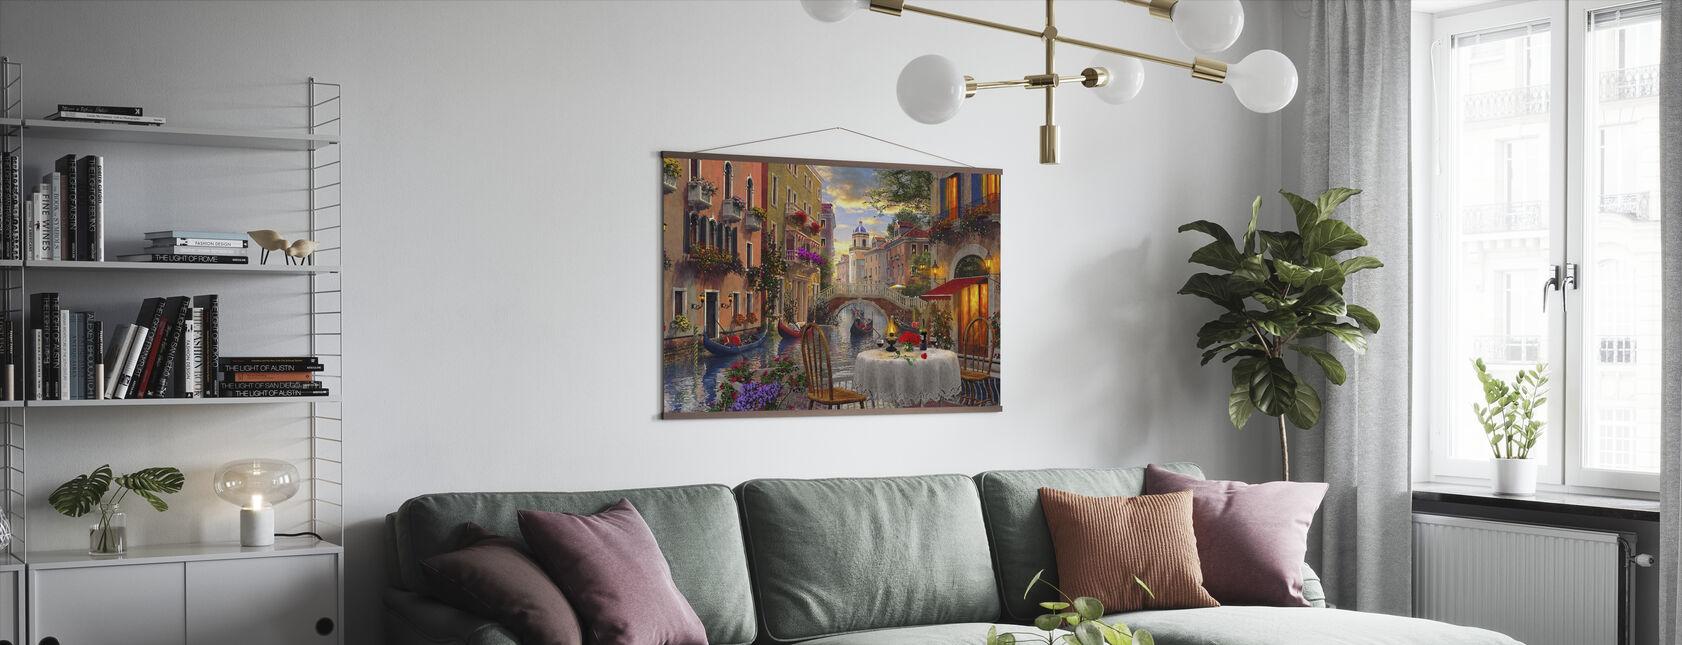 Venezia Al Fresco - Plakat - Stue